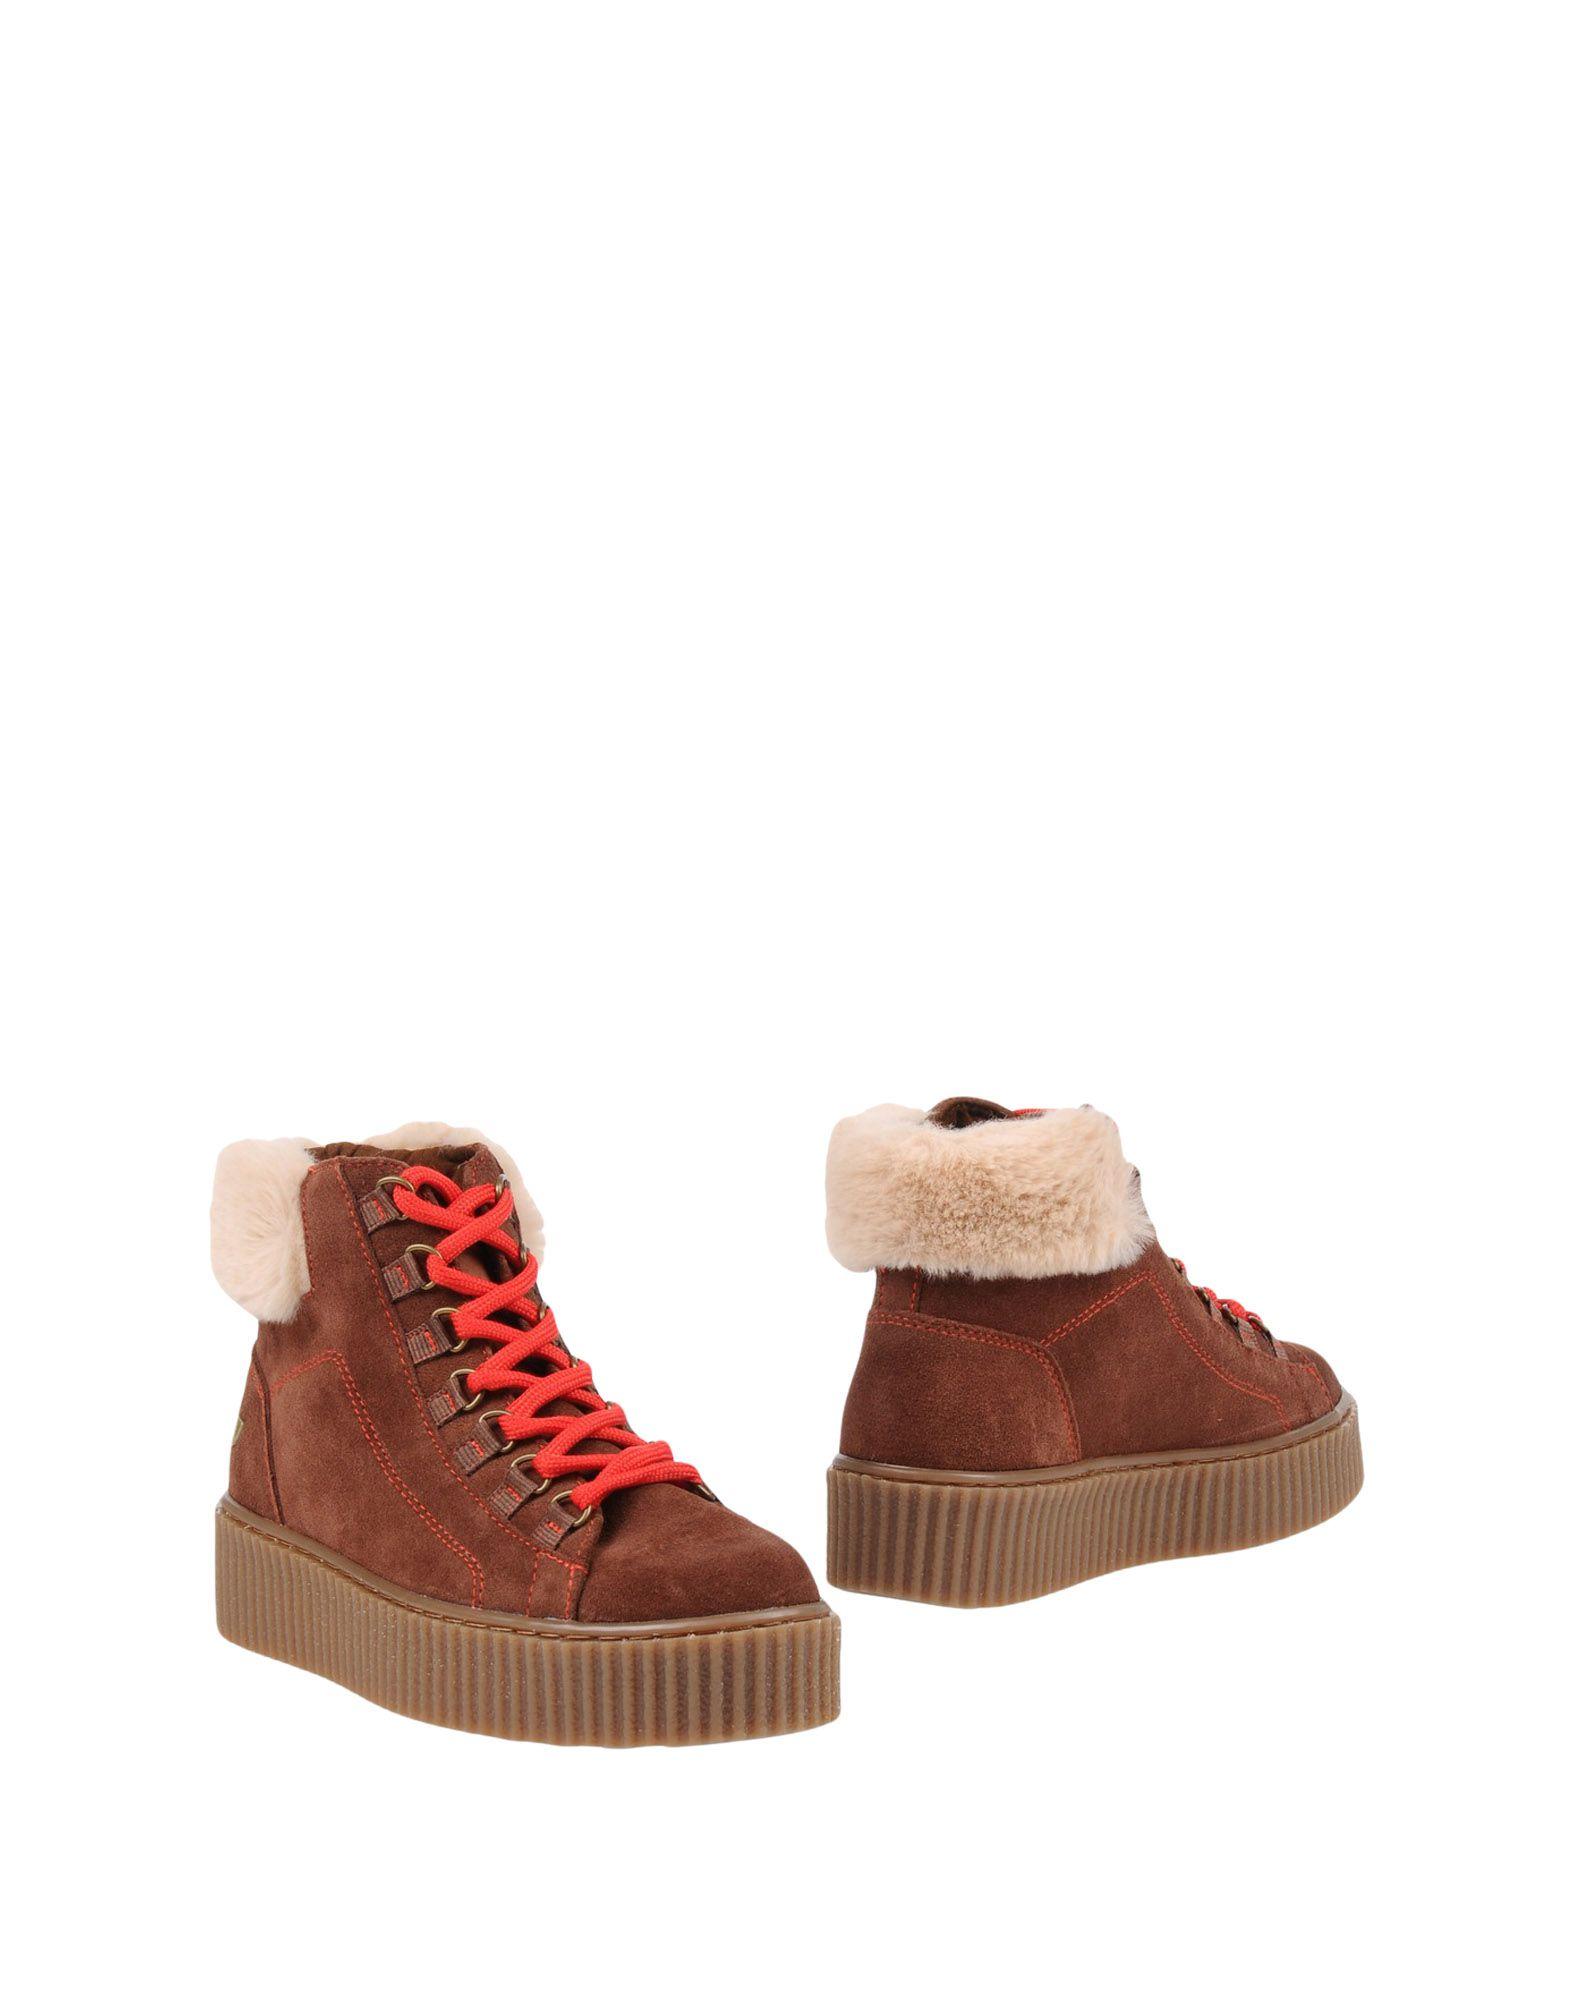 Gioseppo Stiefelette Damen  11460670VO Gute Schuhe Qualität beliebte Schuhe Gute c1b0d9